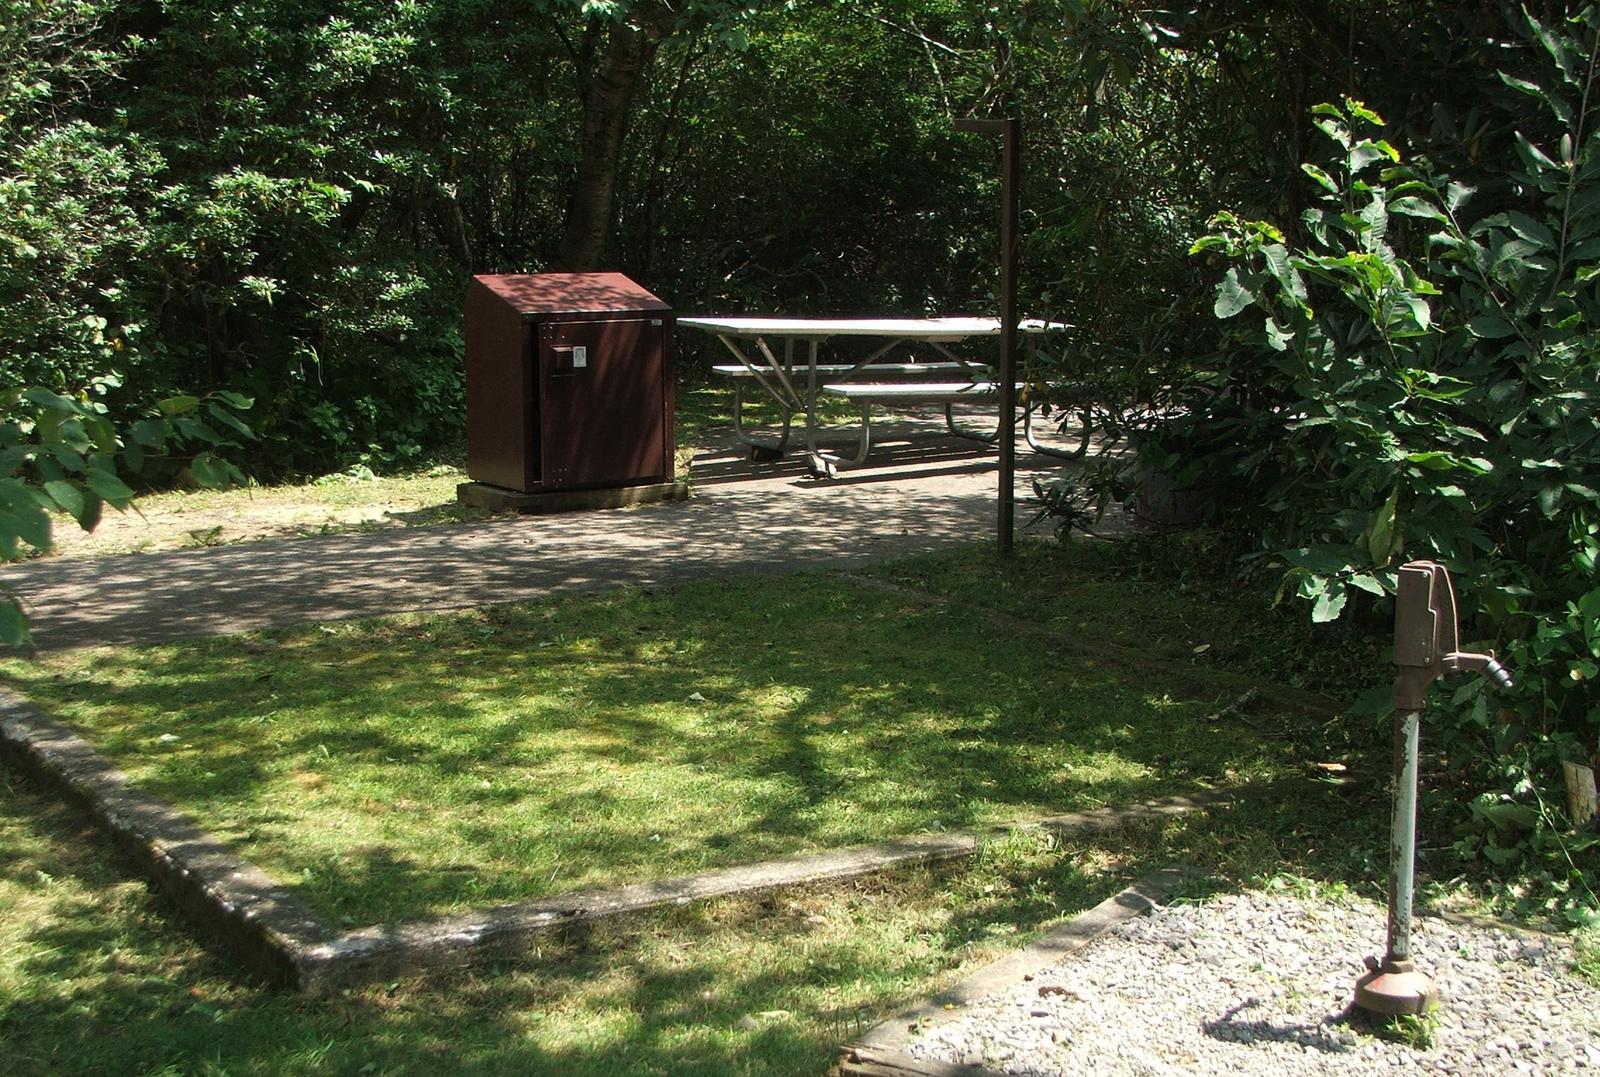 B Loop Site 19 - RV Nonelectric (Handicap Accessible)